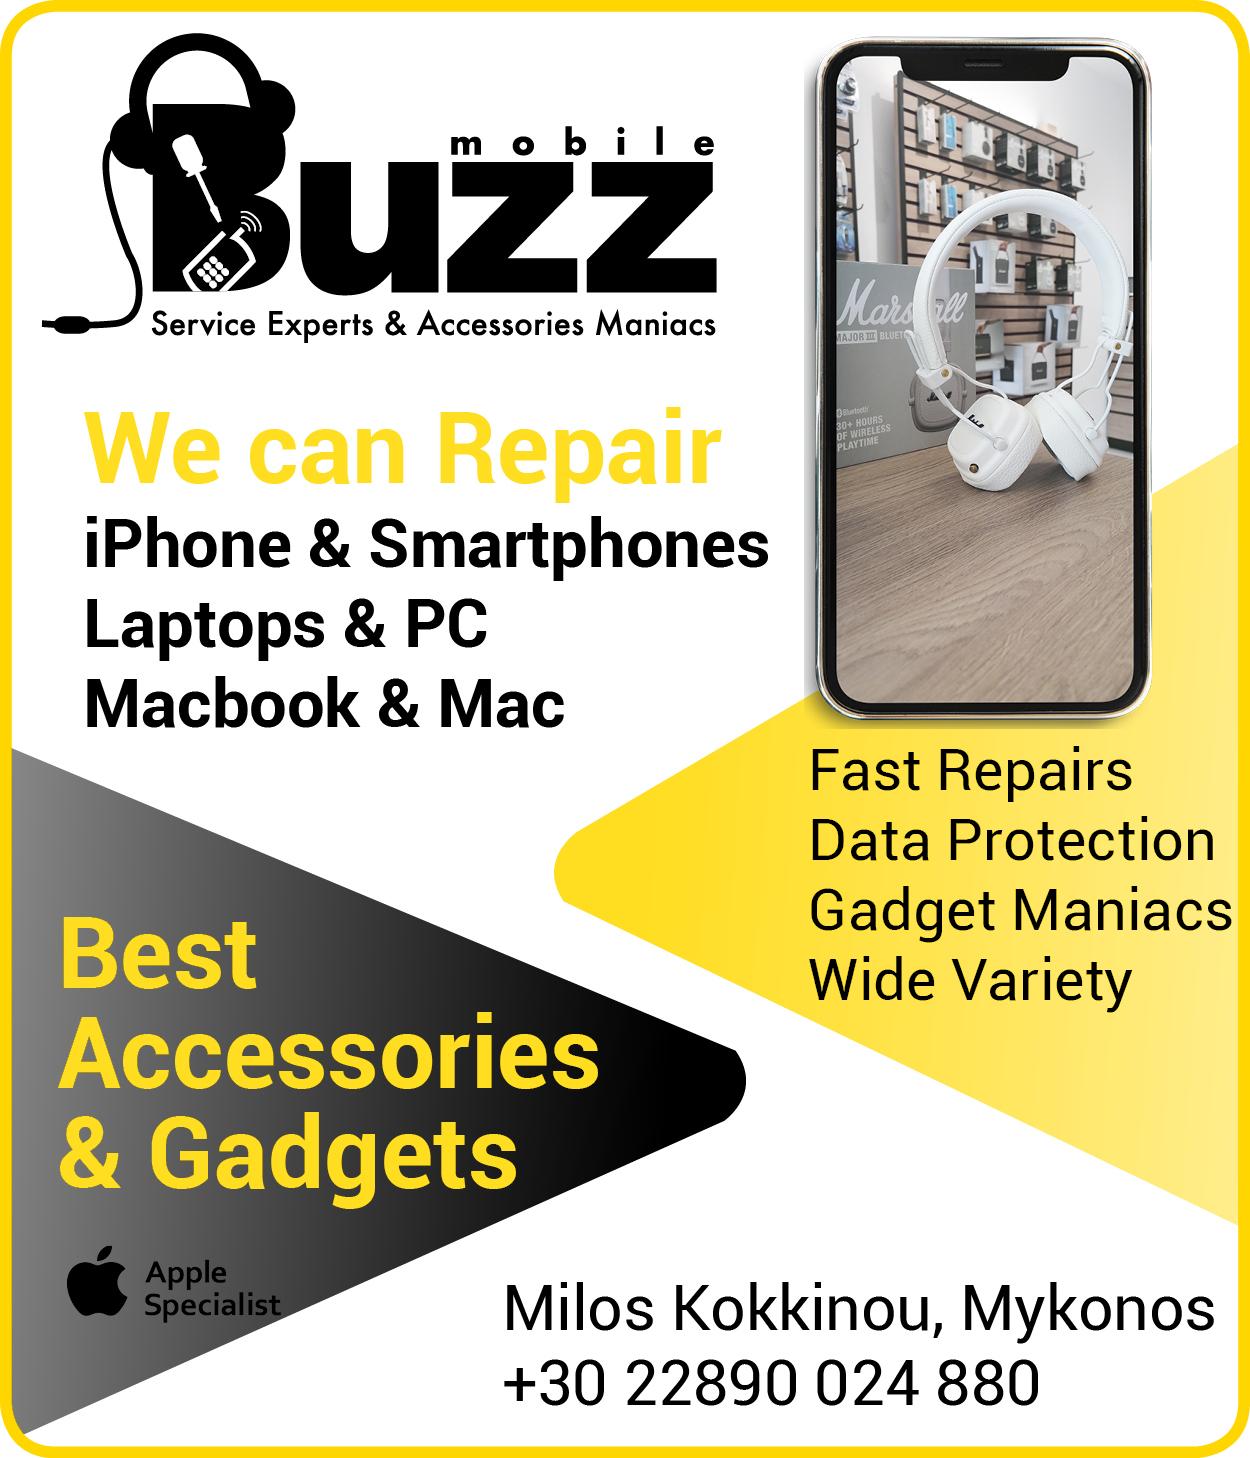 buzz_ad.jpg